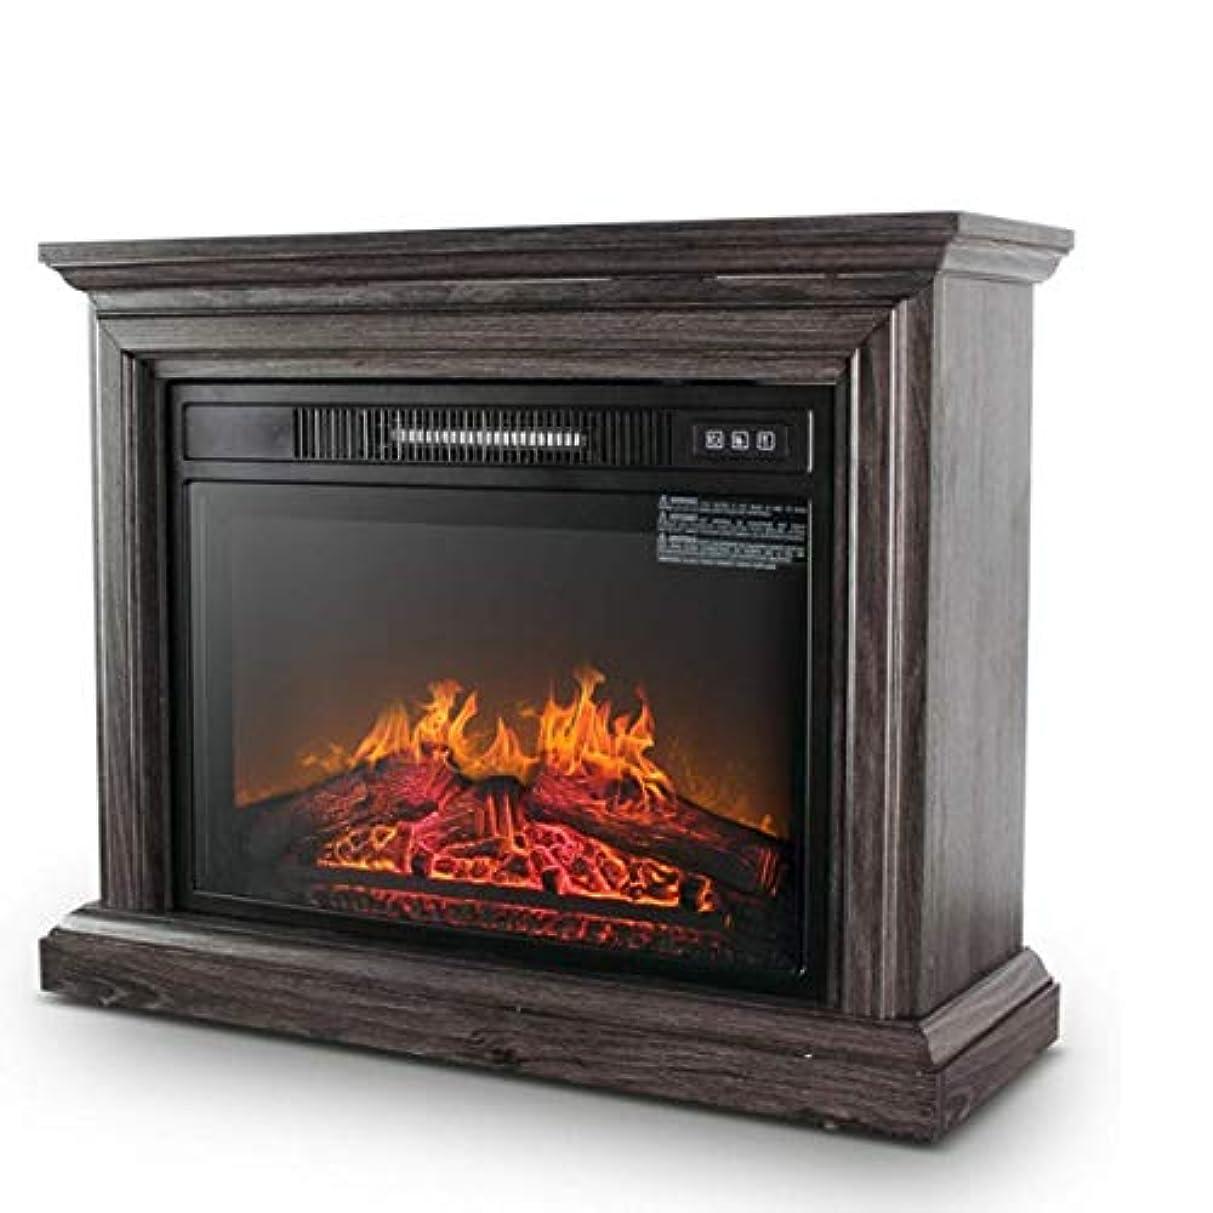 クレジット寮役に立つ電気暖炉のヒーターの炎の効果の居間の床のサラウンドのリモート?コントロール木製の燃えるLEDライトが付いている永続的な火